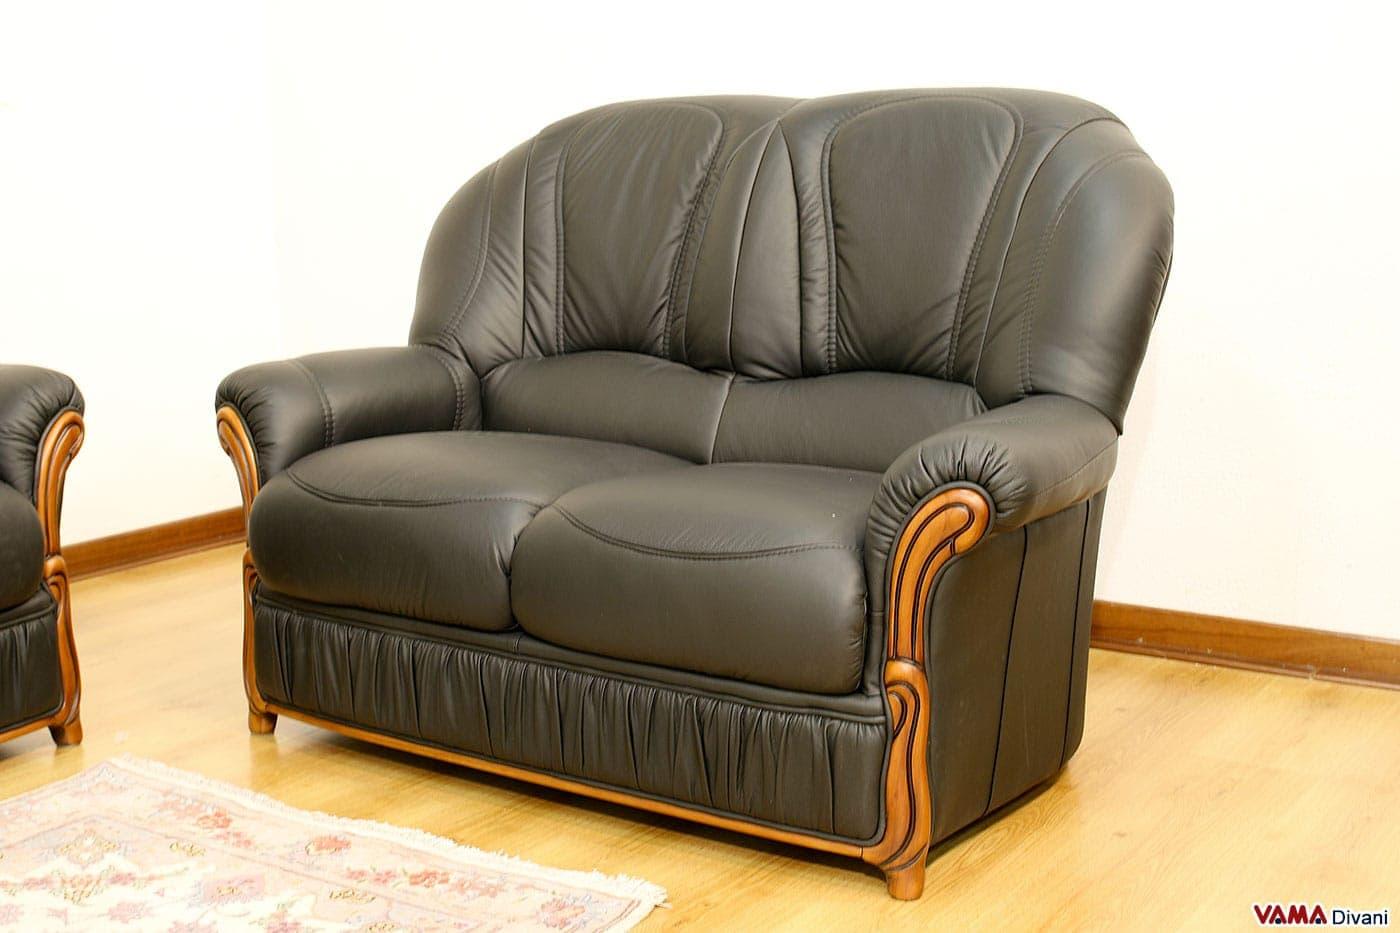 Divani 3 e 2 posti con poltrona relax elettrica in pelle for Divani e divani relax